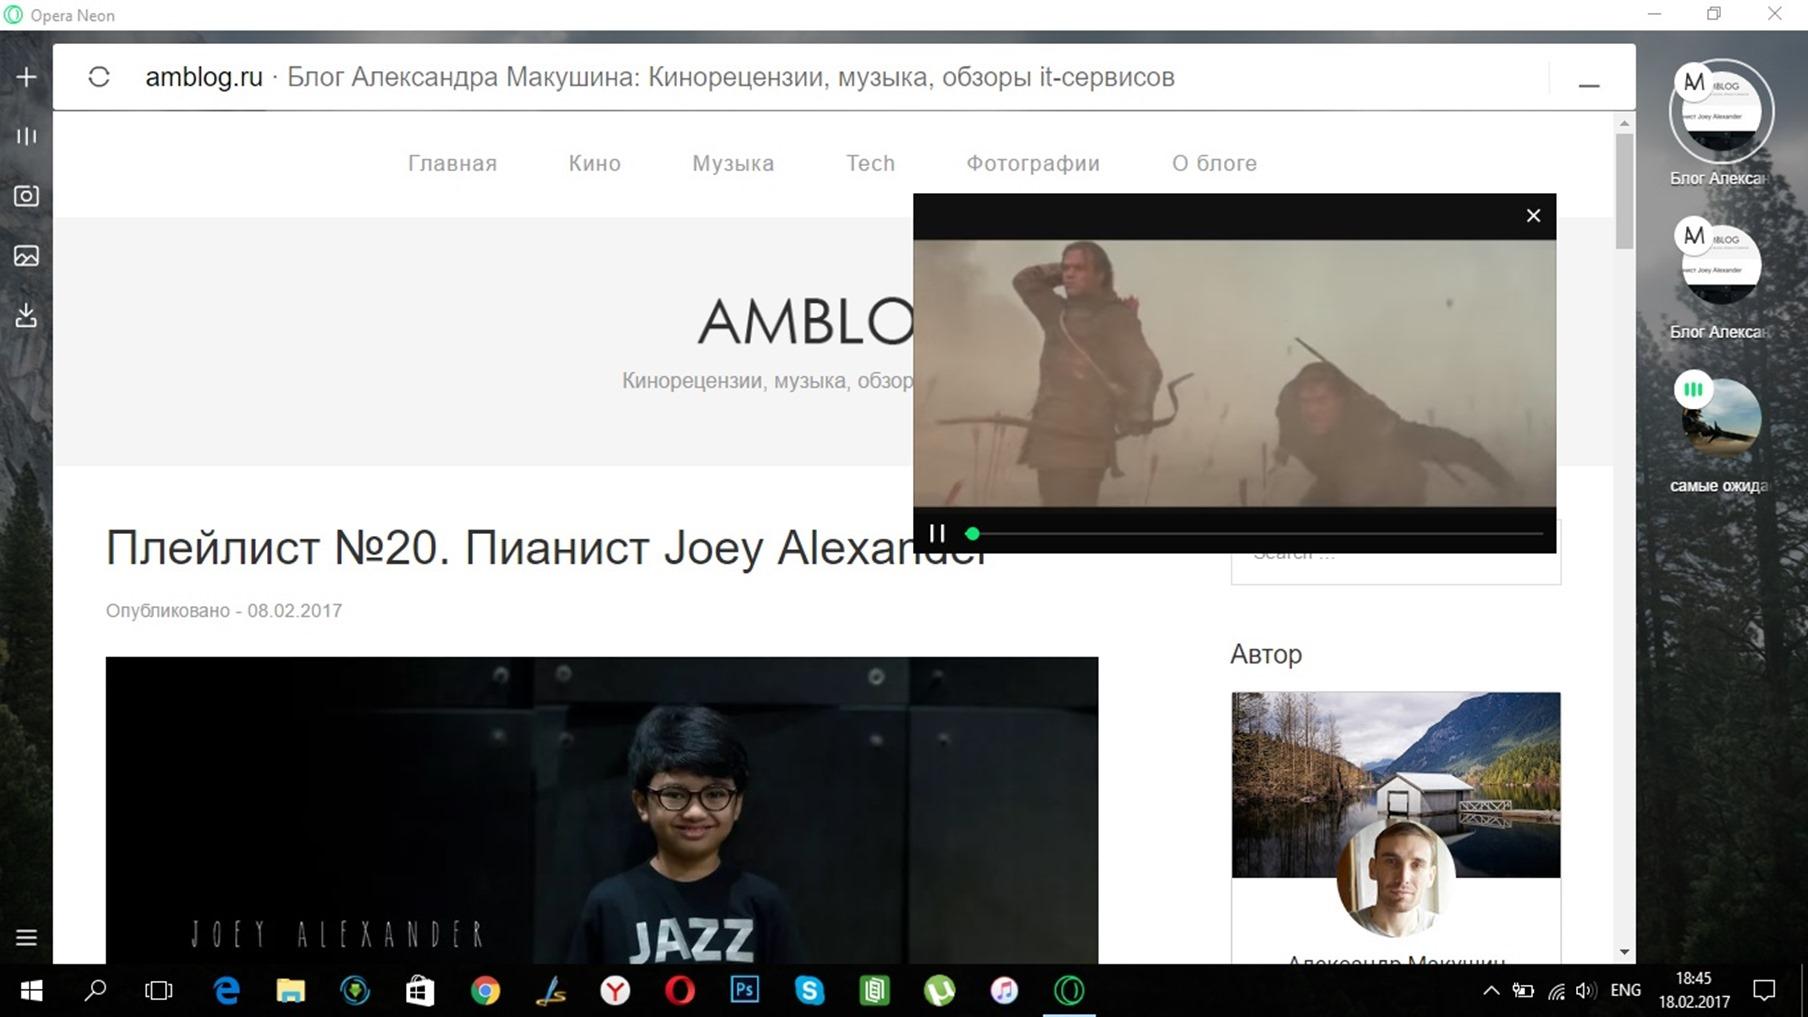 Медиа-контент в браузере